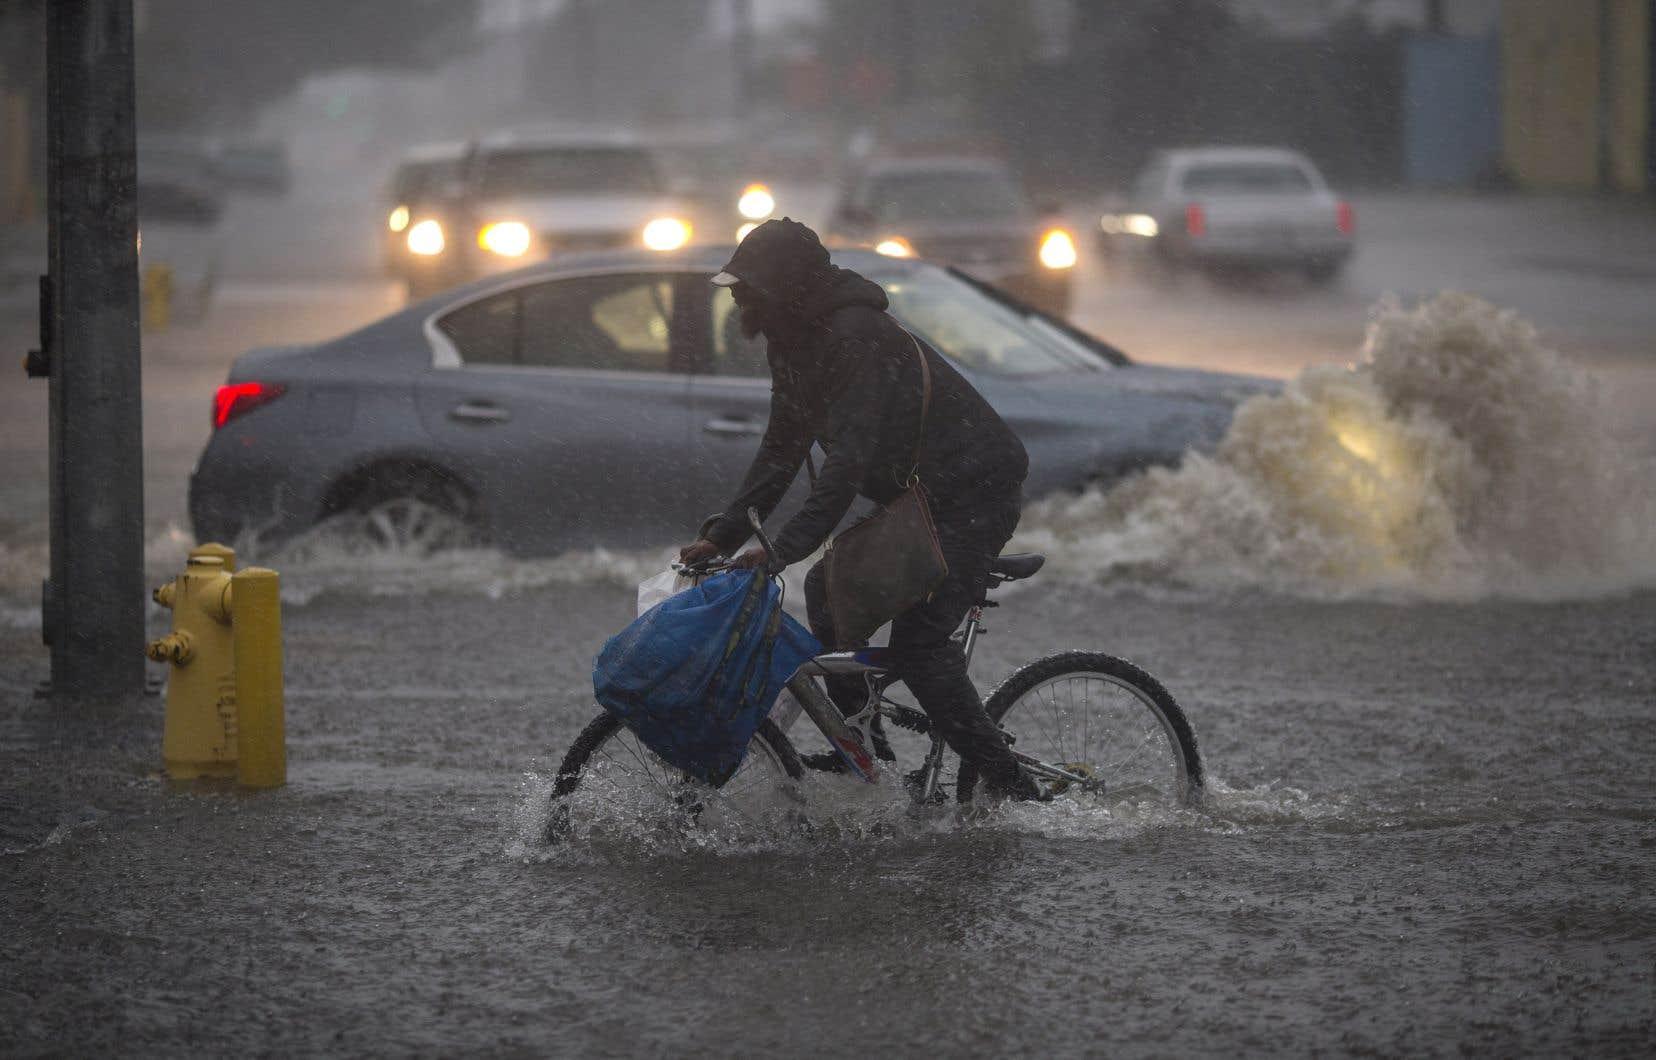 «Les impacts climatiques sont déjà visibles tout autour de nous», a souligné dans un communiqué Gebru Jember Endalew, qui préside le groupe des pays les moins avancés.